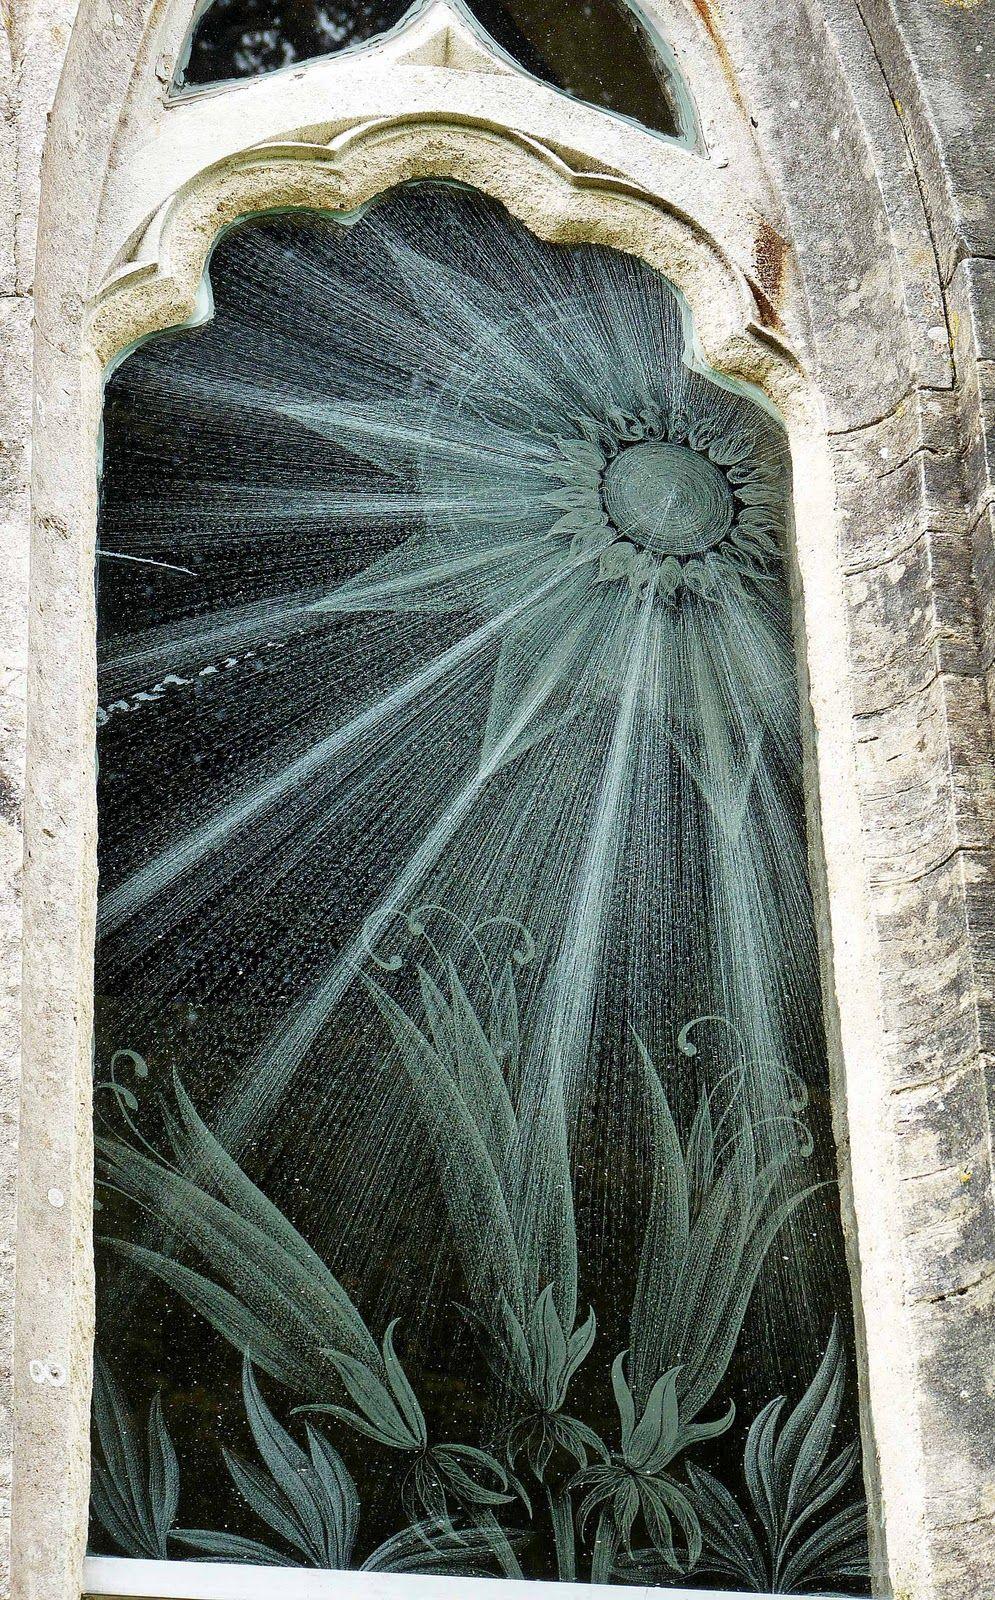 Dorset Allsorts: St Nicholas' Church, Moreton